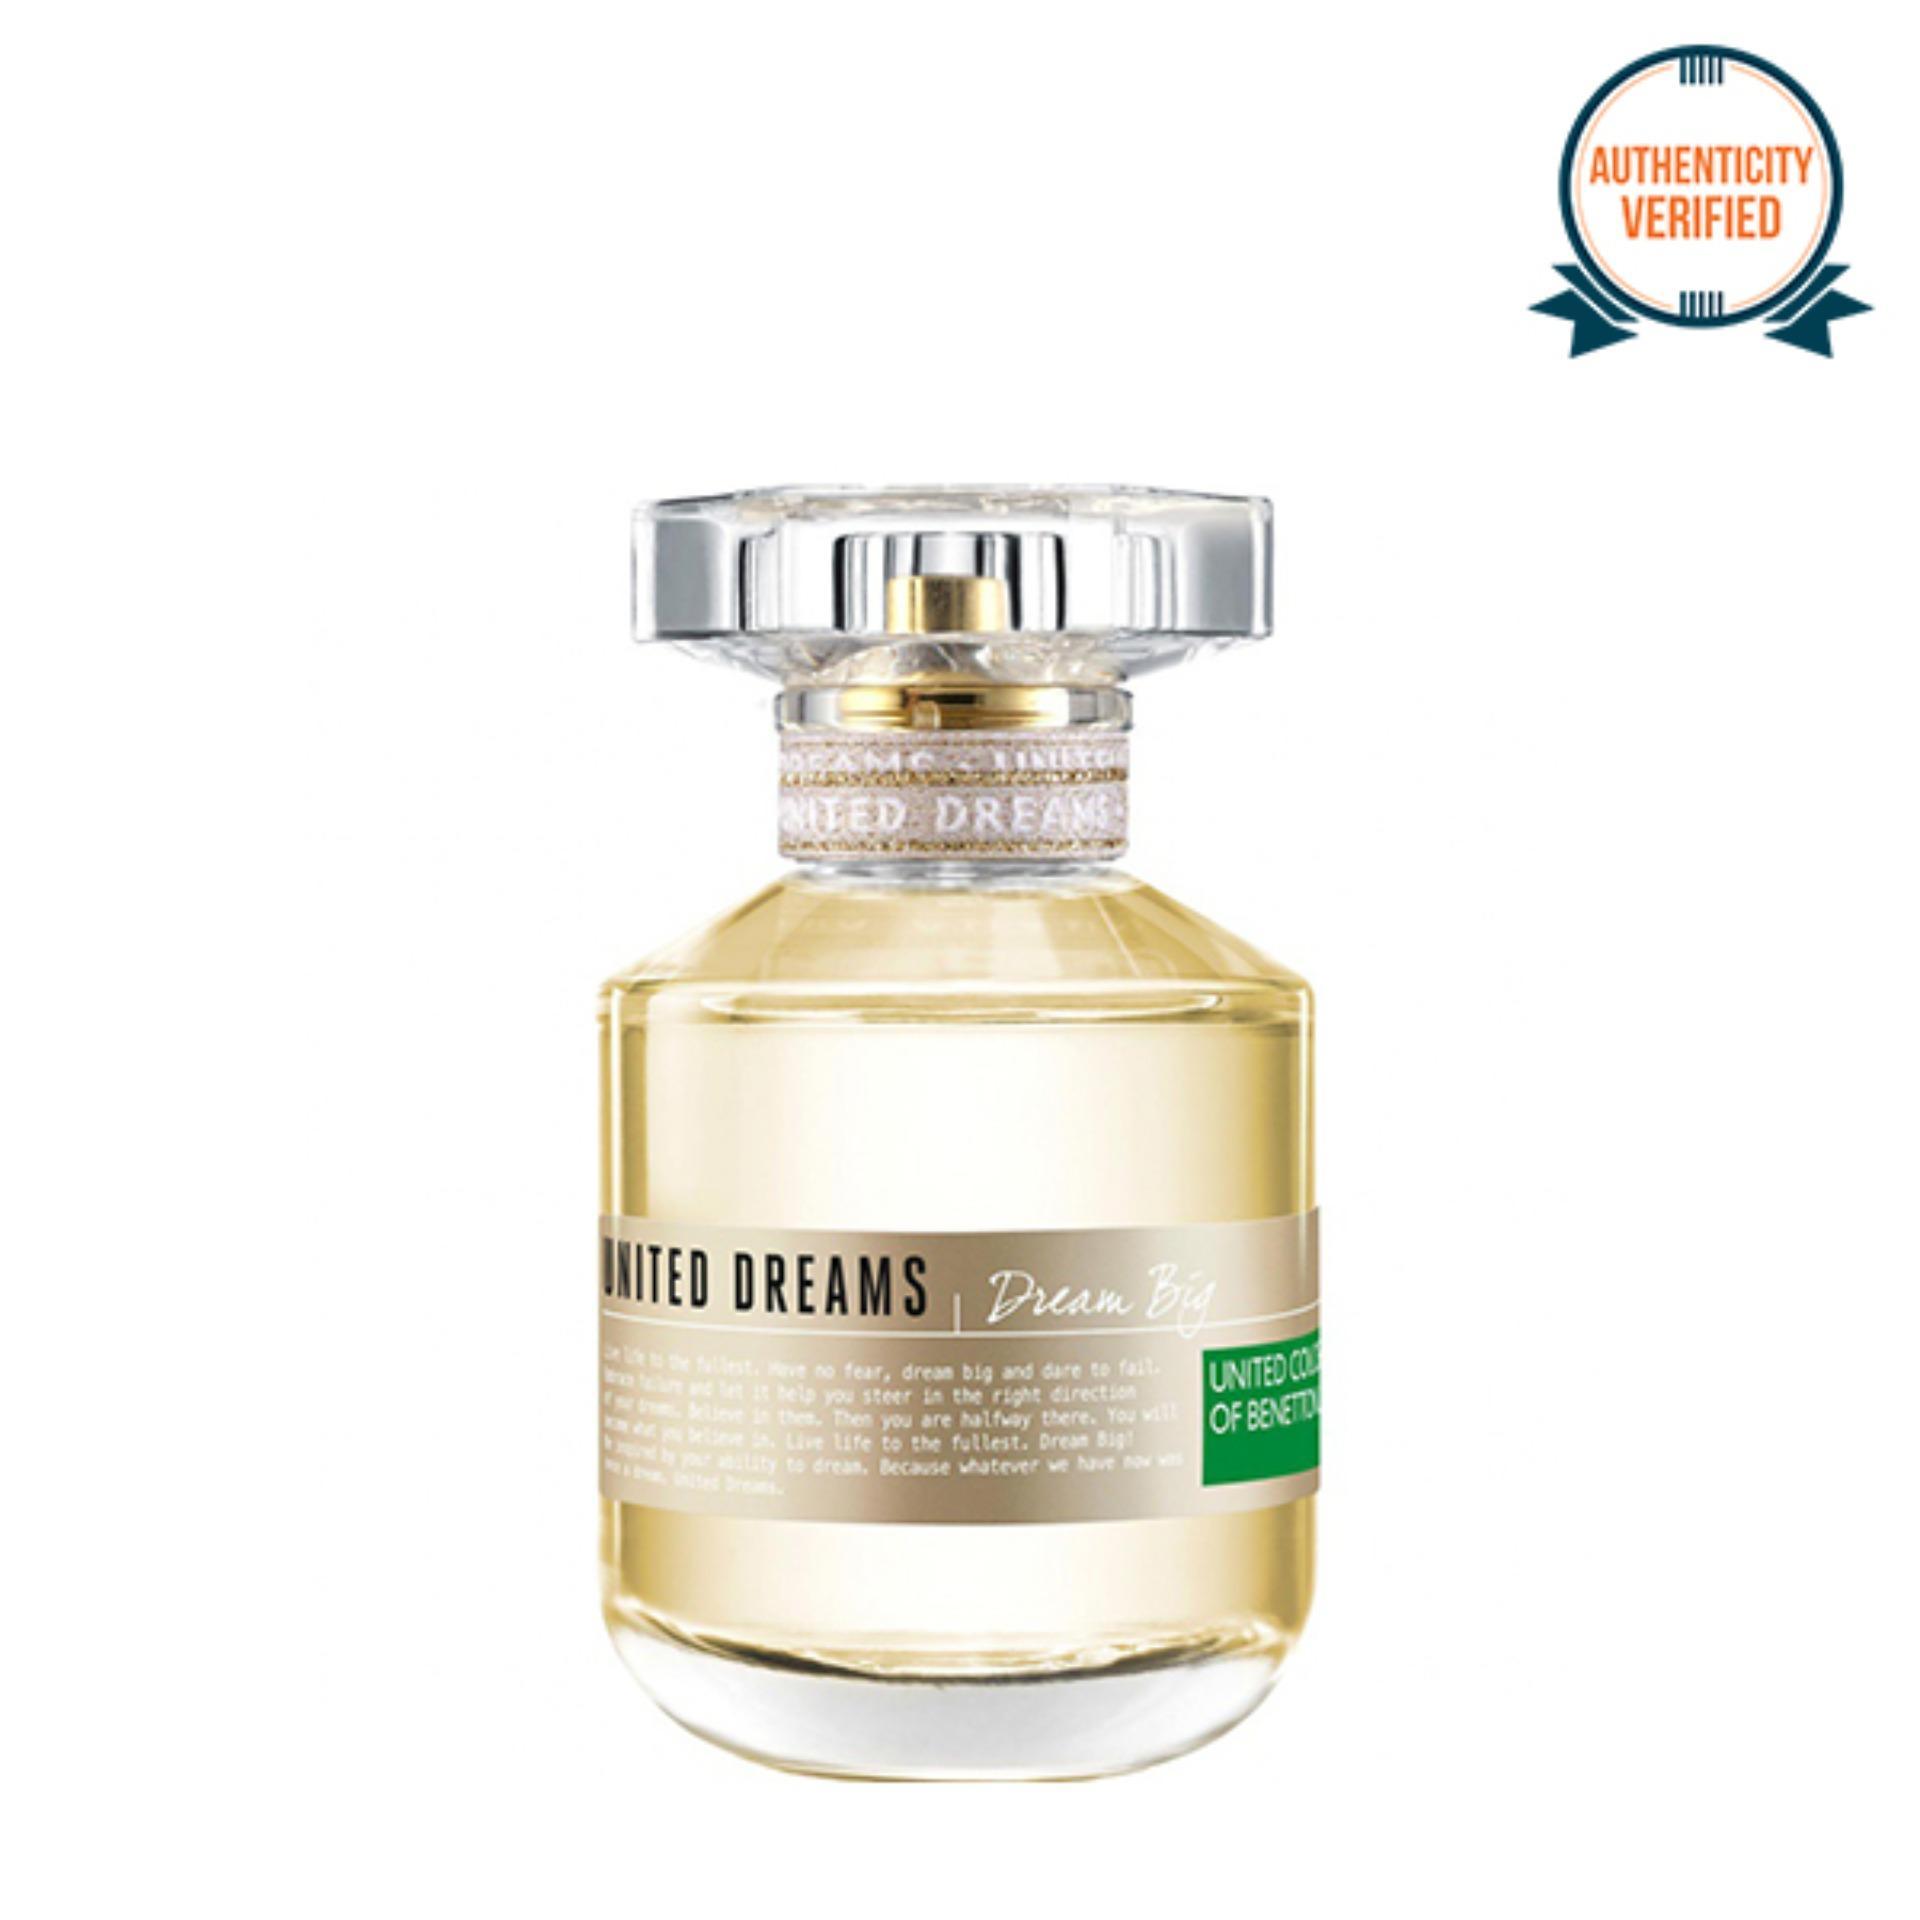 United Colors Of Benetton Fragrances Philippines B Jeans Edt Man Parfum 100ml 100 Original Dreams Dream Big Eau De Toilette For Women 80ml